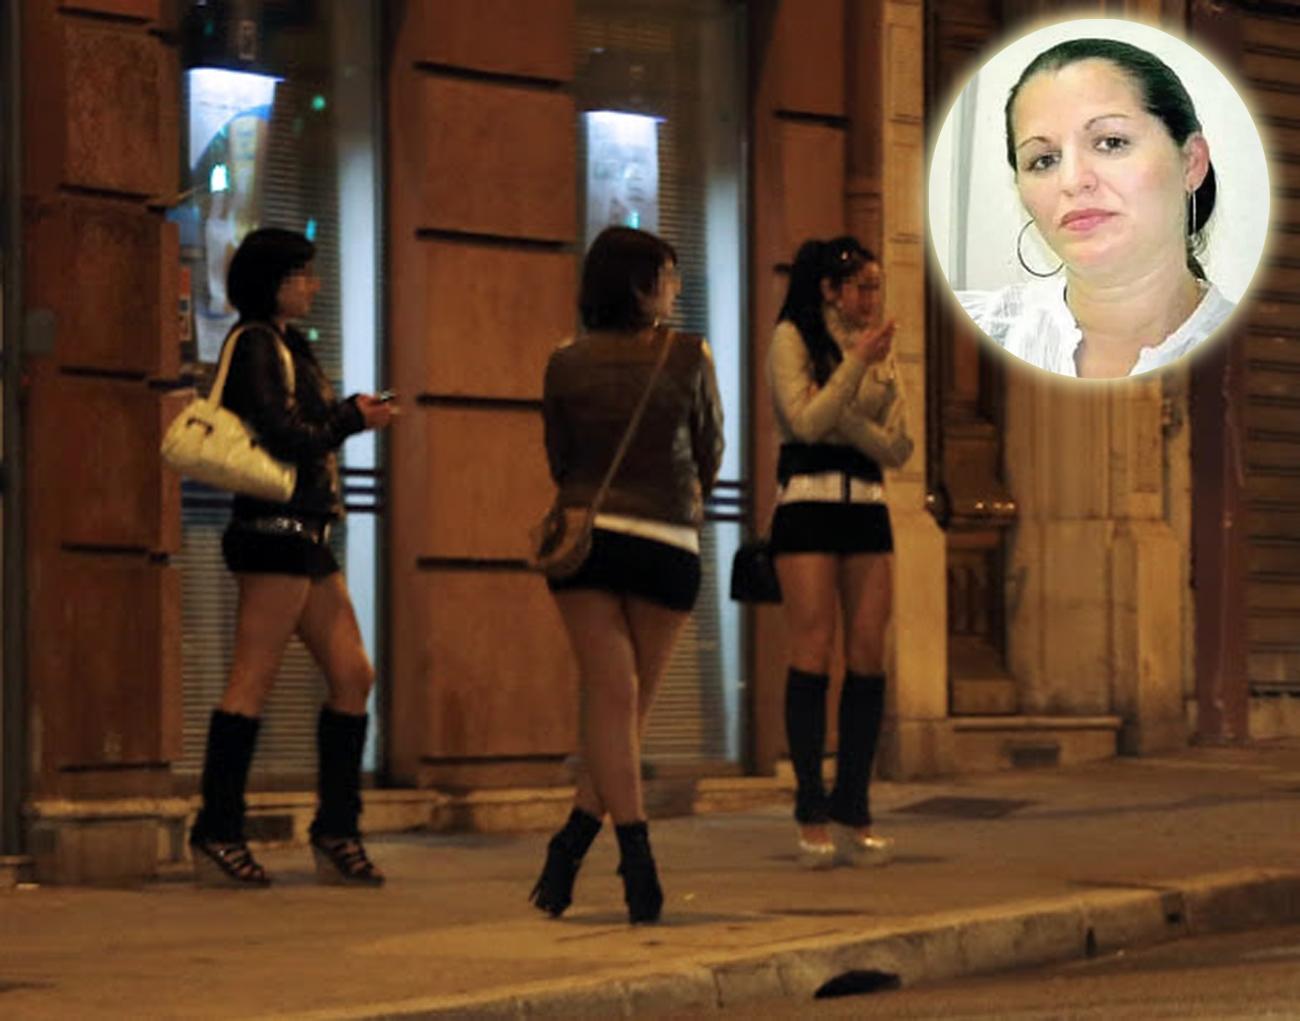 fete pentru casatorie din buzau ziarul opinia buzau)